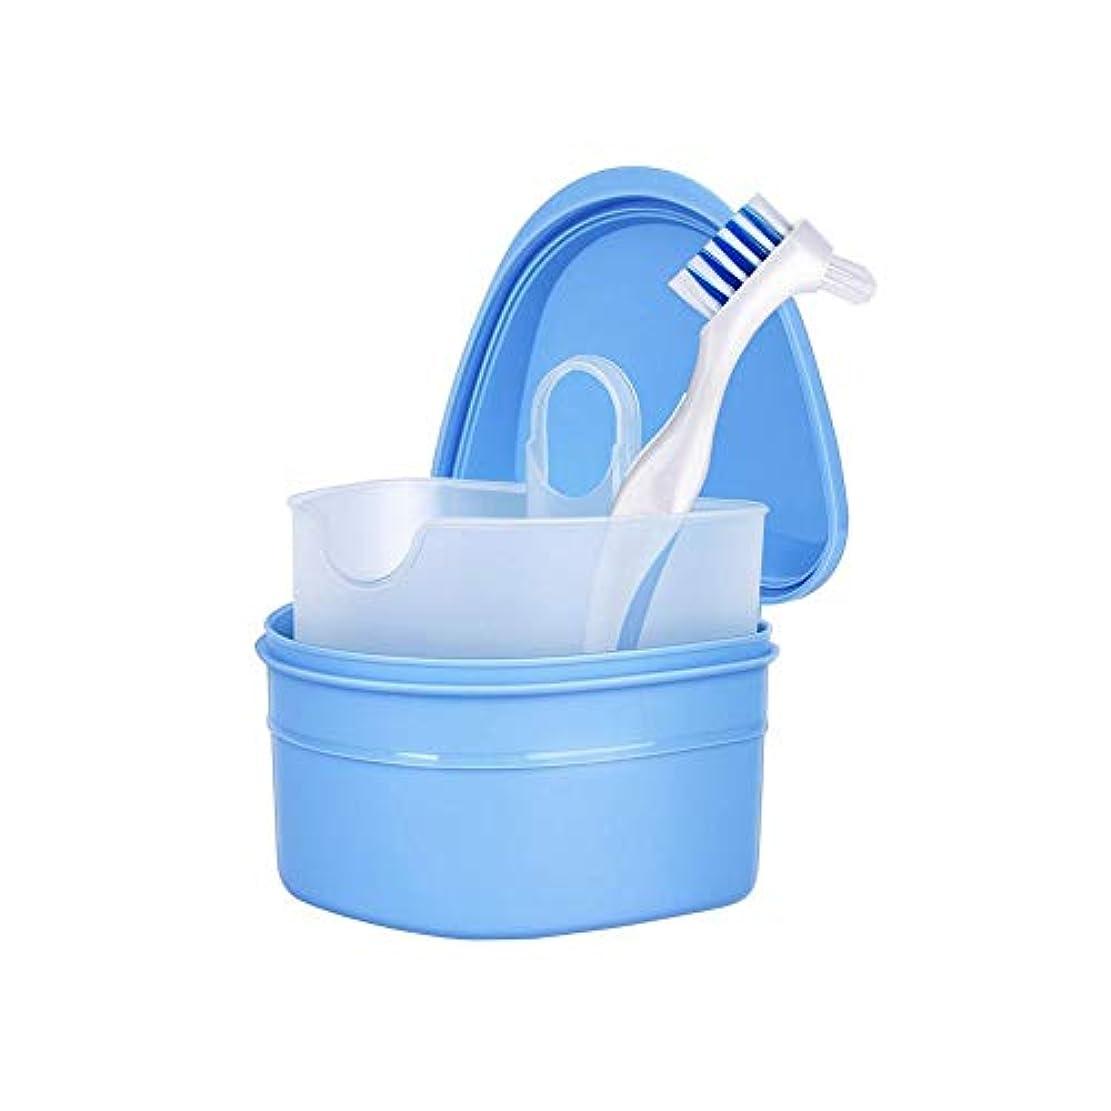 偶然有望小間入れ歯ケース 入れ歯収納 ブラシ付 義歯箱 リテーナーボックス 防水 軽量 ミニ 携帯用 家庭 旅行 出張 義歯収納容器